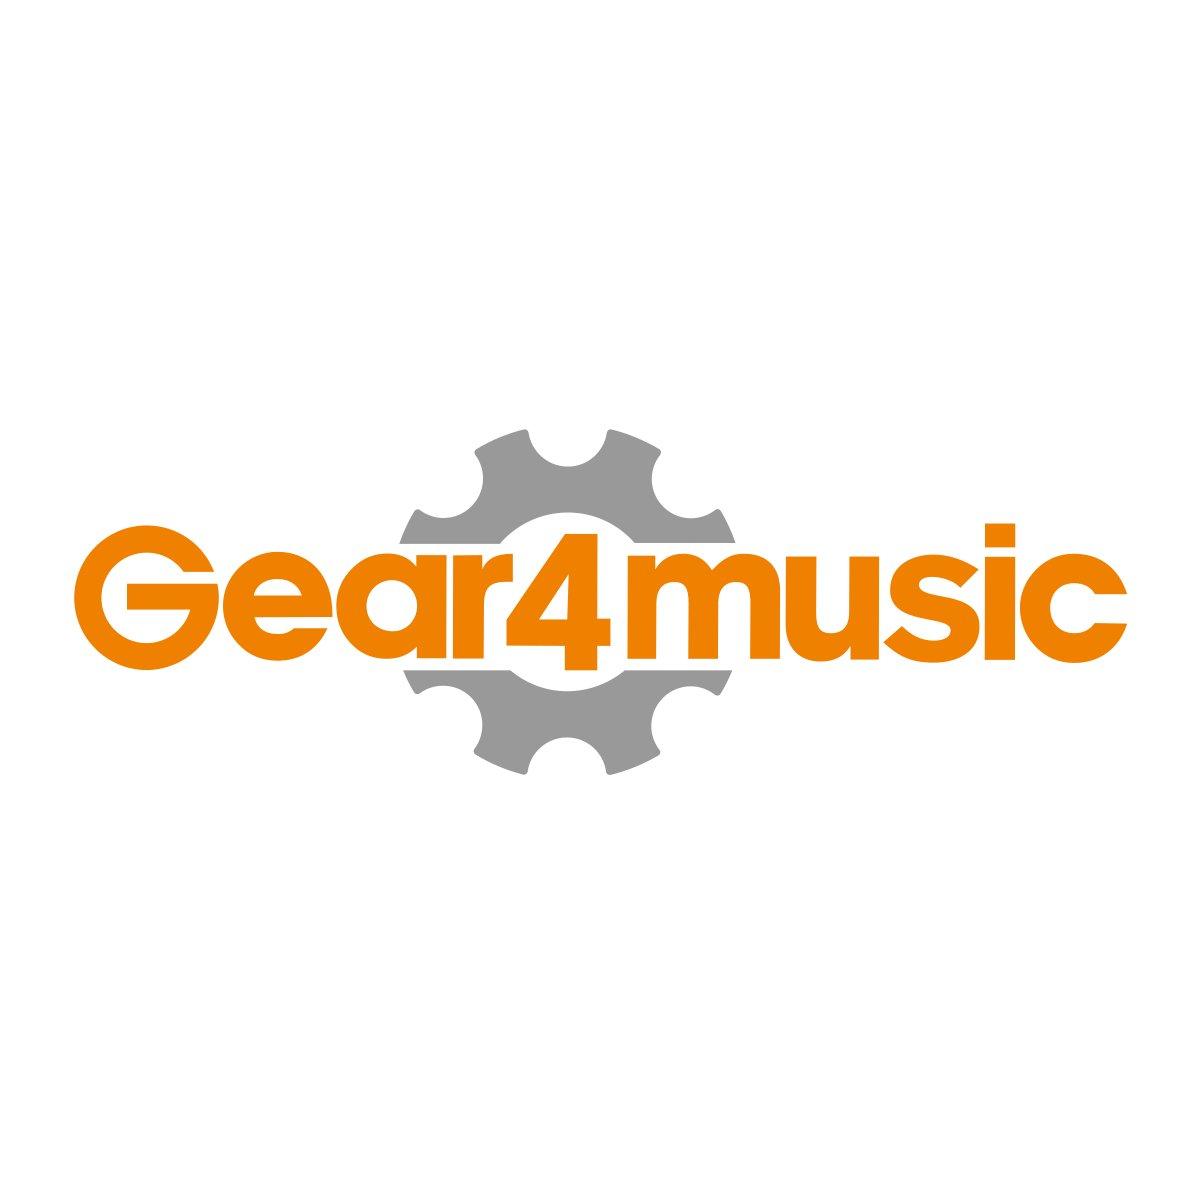 Deluxe klasična elektro-akustična kitara od Gear4music